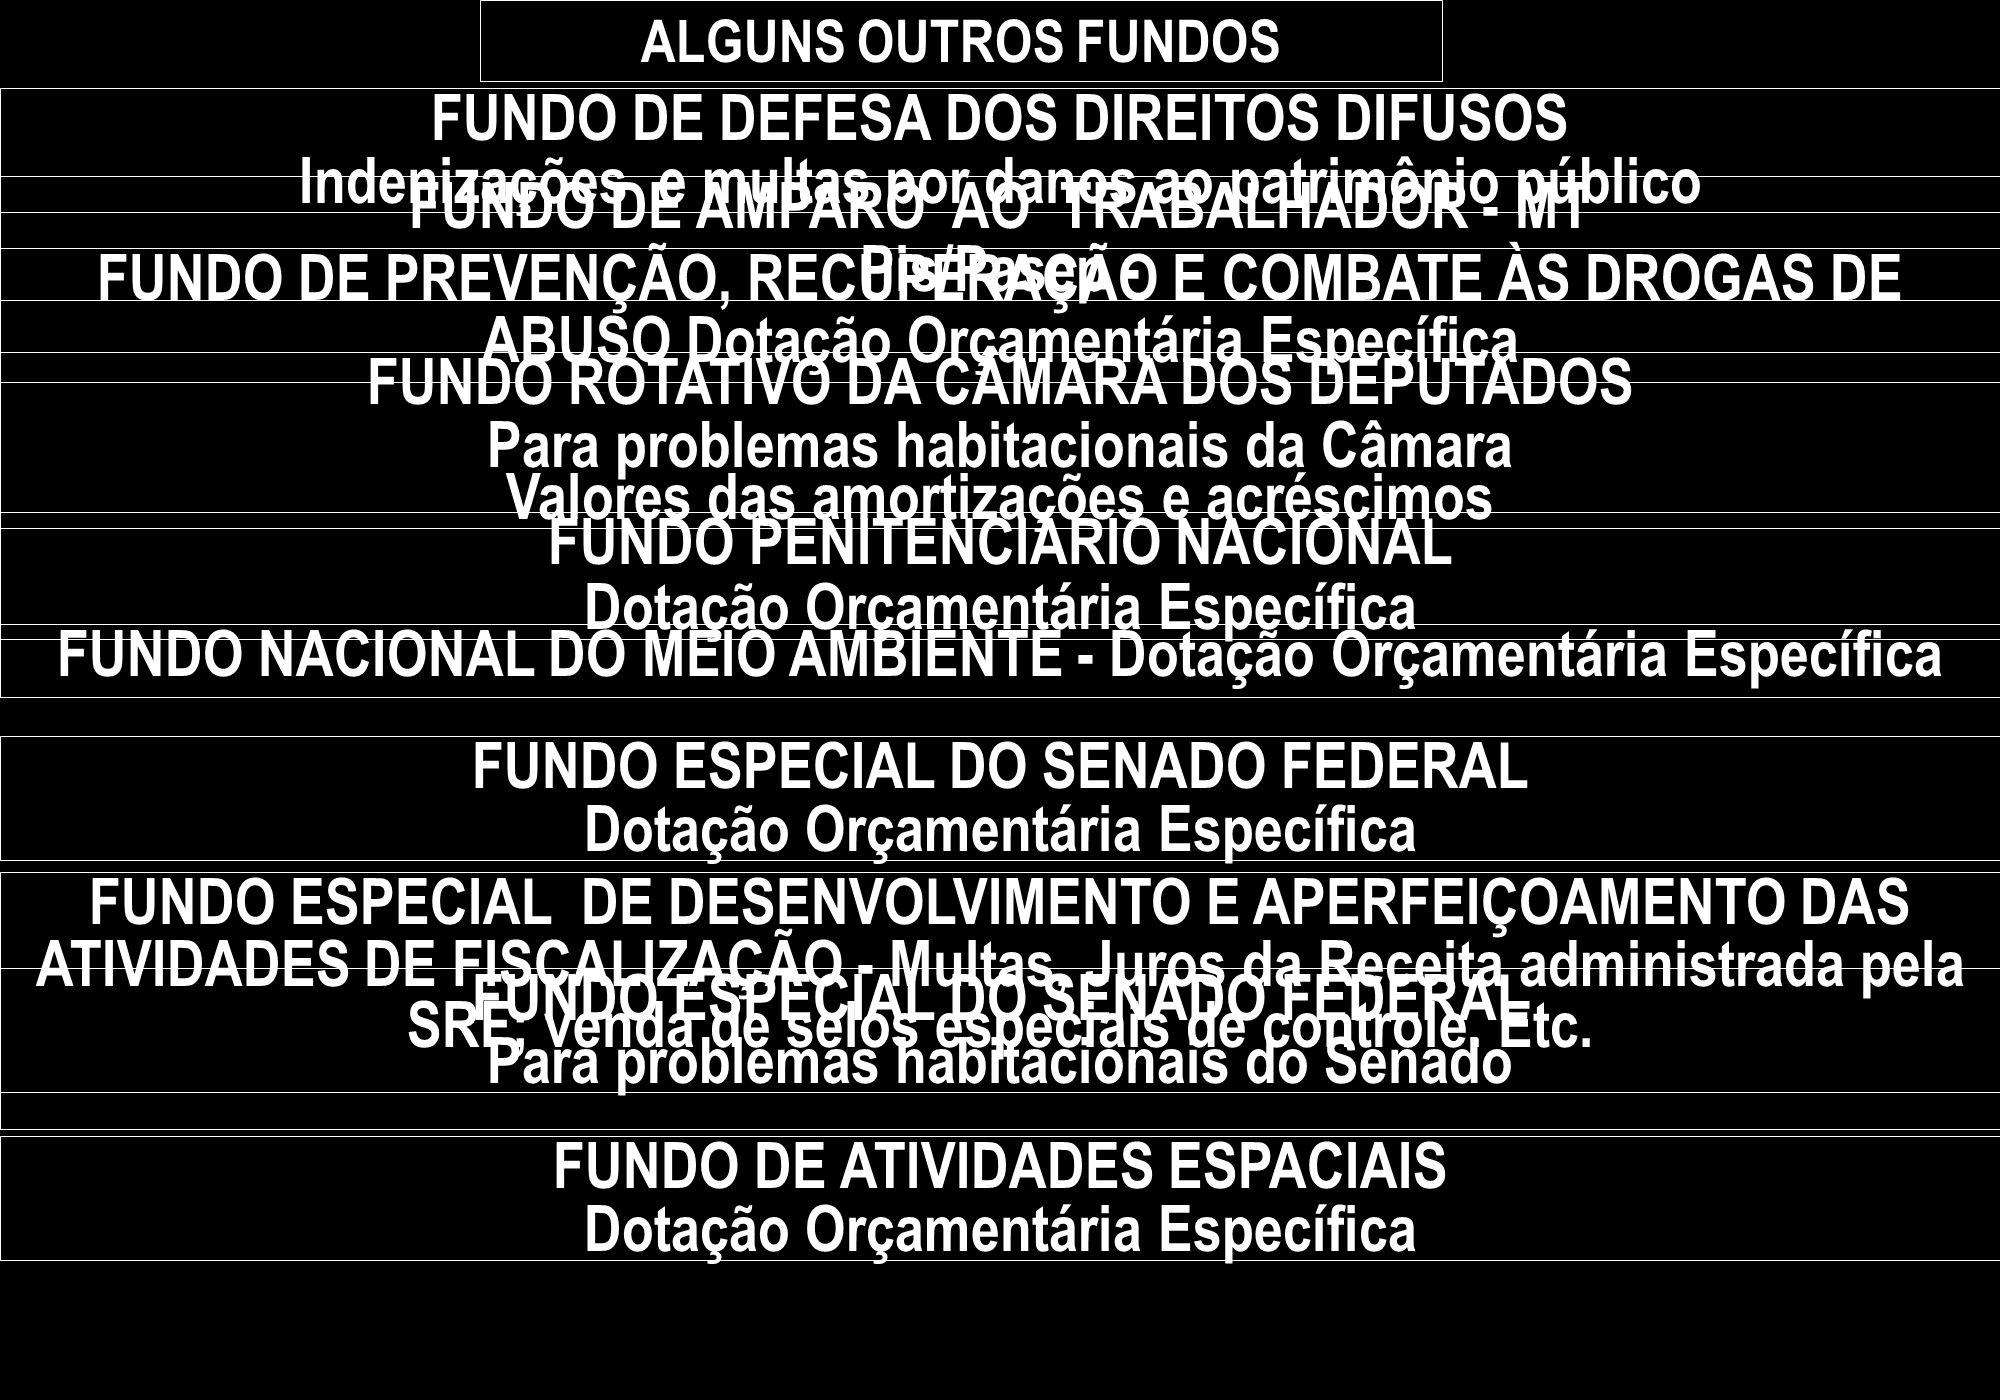 ALGUNS OUTROS FUNDOS FUNDO DE DEFESA DOS DIREITOS DIFUSOS Indenizações e multas por danos ao patrimônio público FUNDO DE AMPARO AO TRABALHADOR - MT Pi